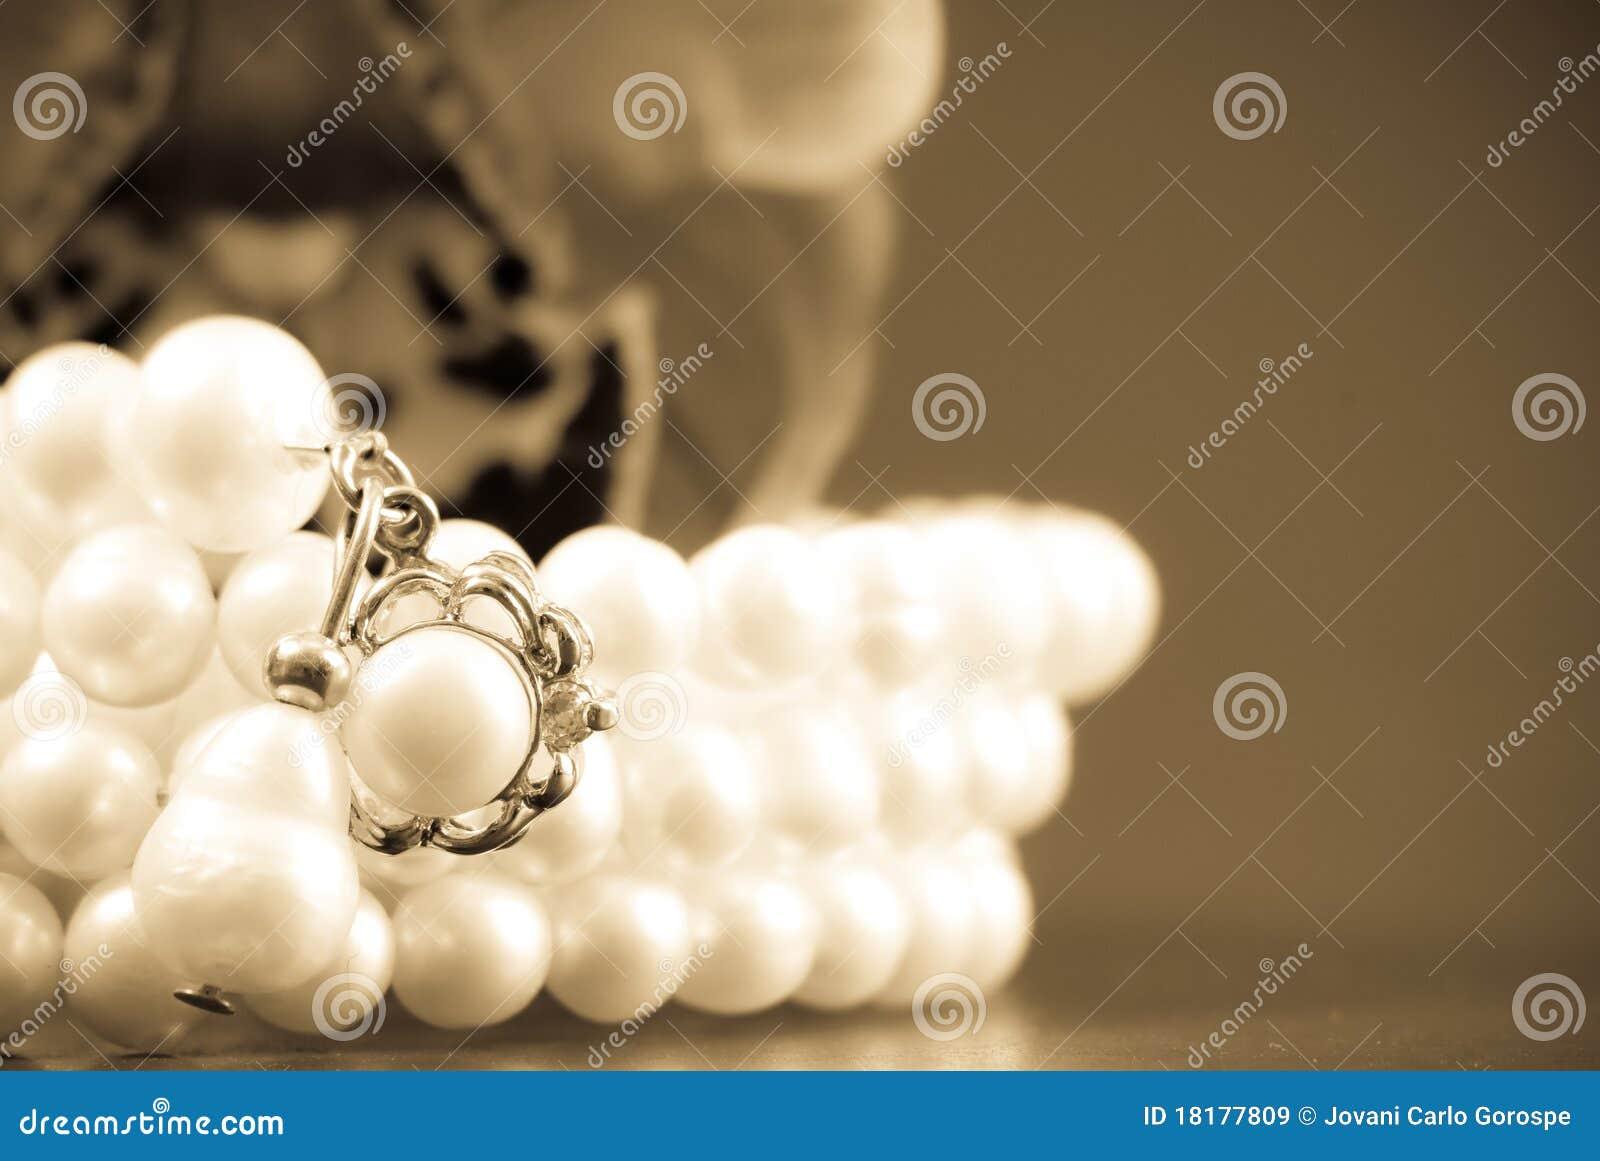 Le cadeau des perles